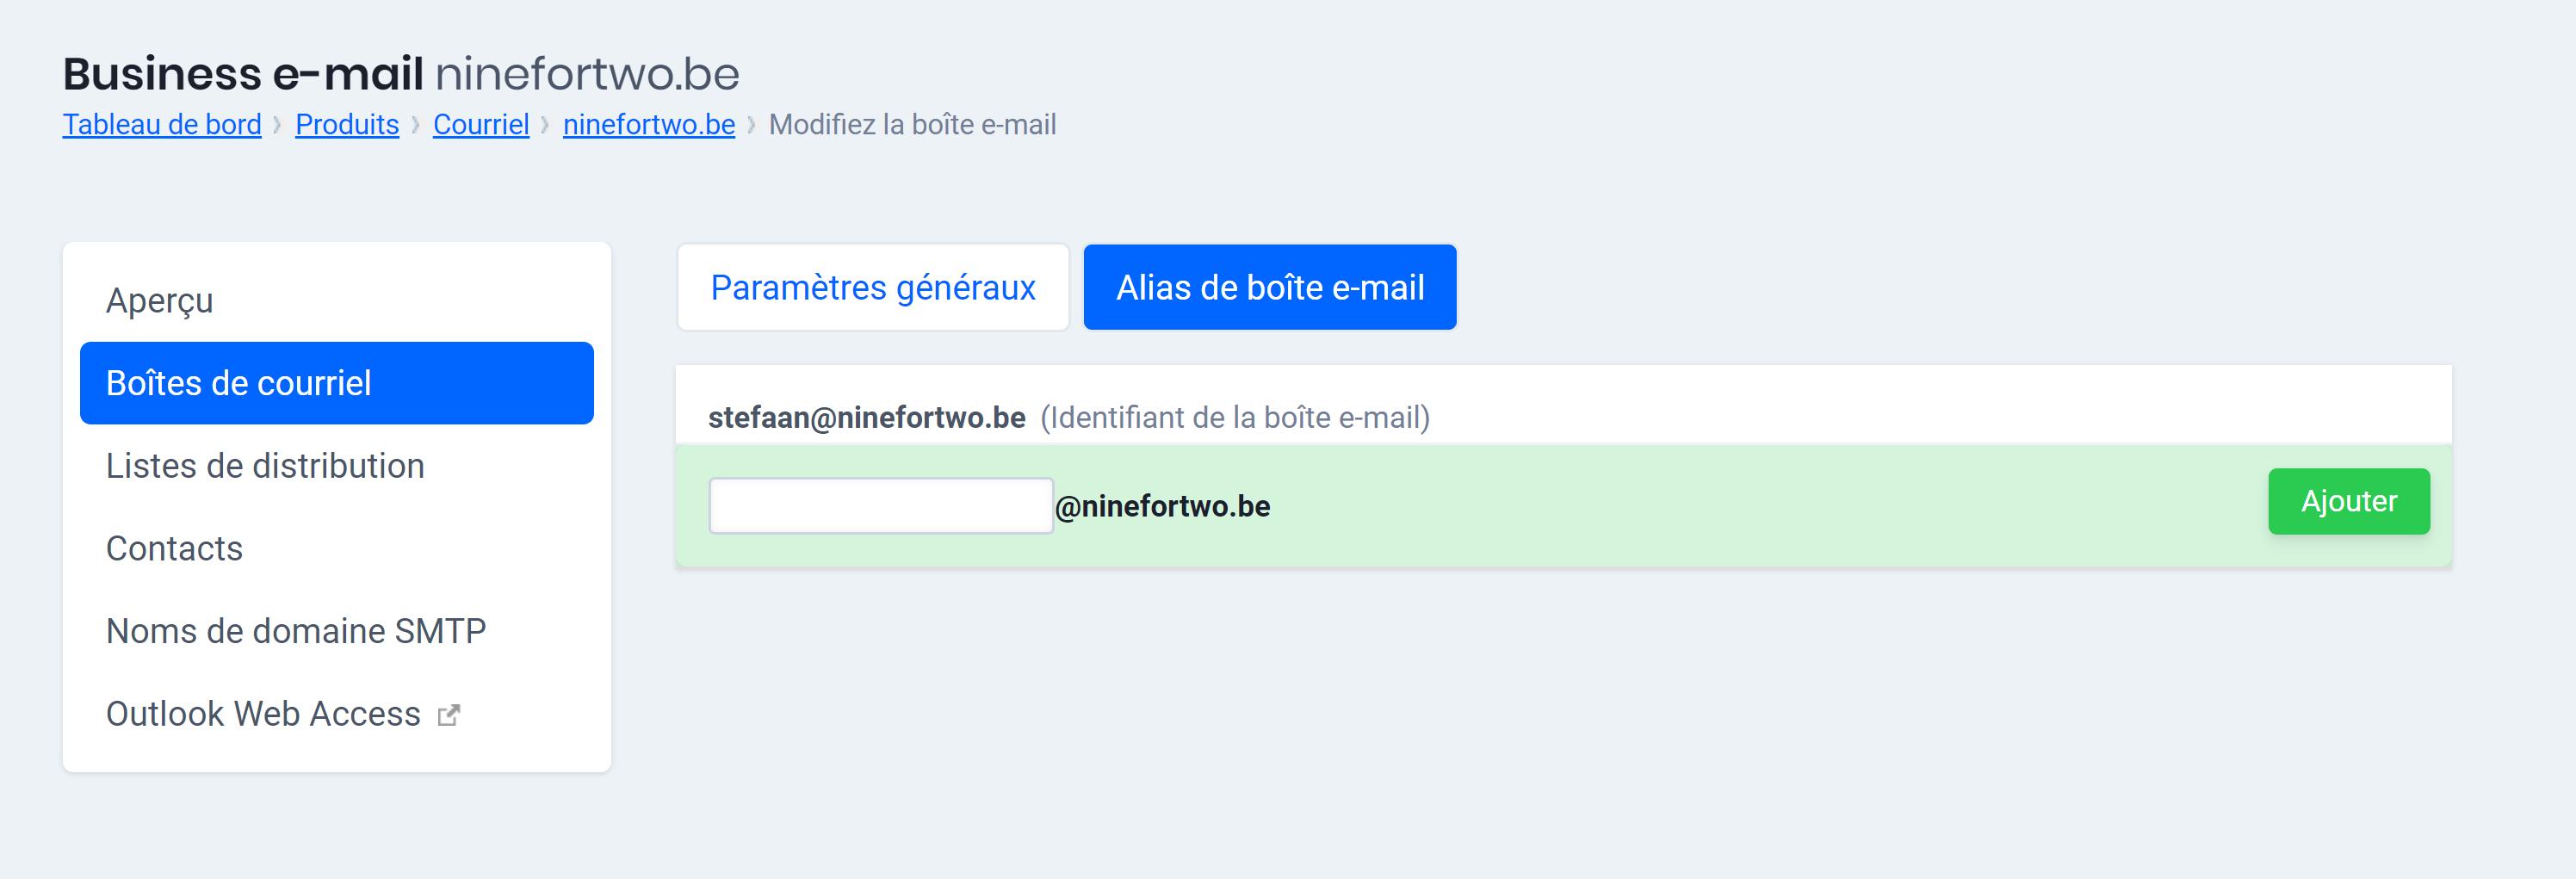 alias de boîte e-mail exchange